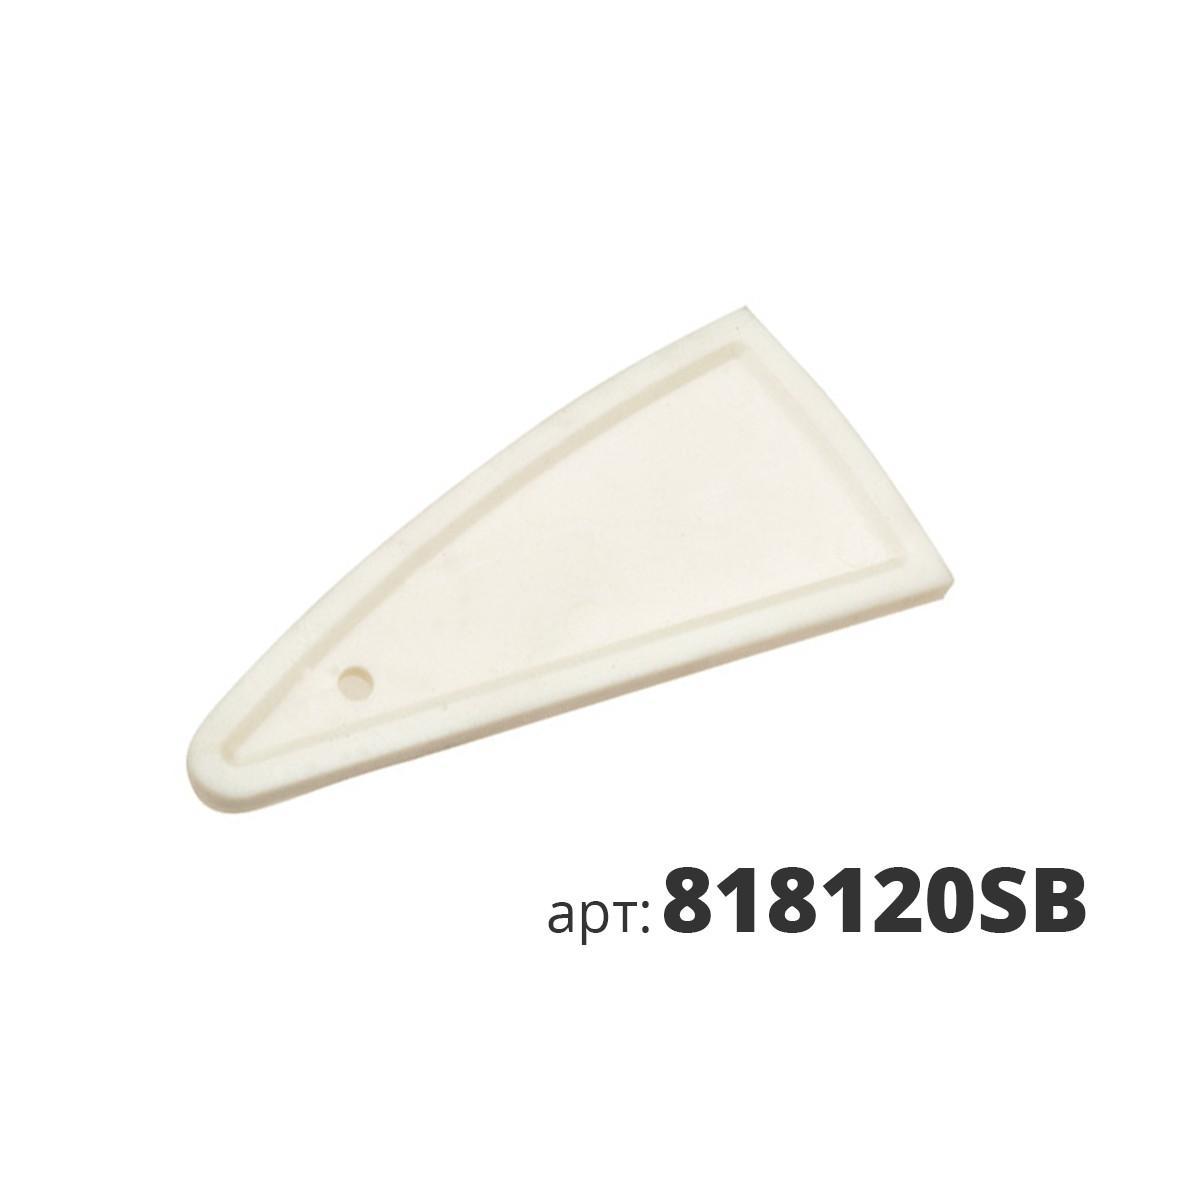 МАКО силиконовый шпатель, гибкий пластик, кислотостойкий 818120SB